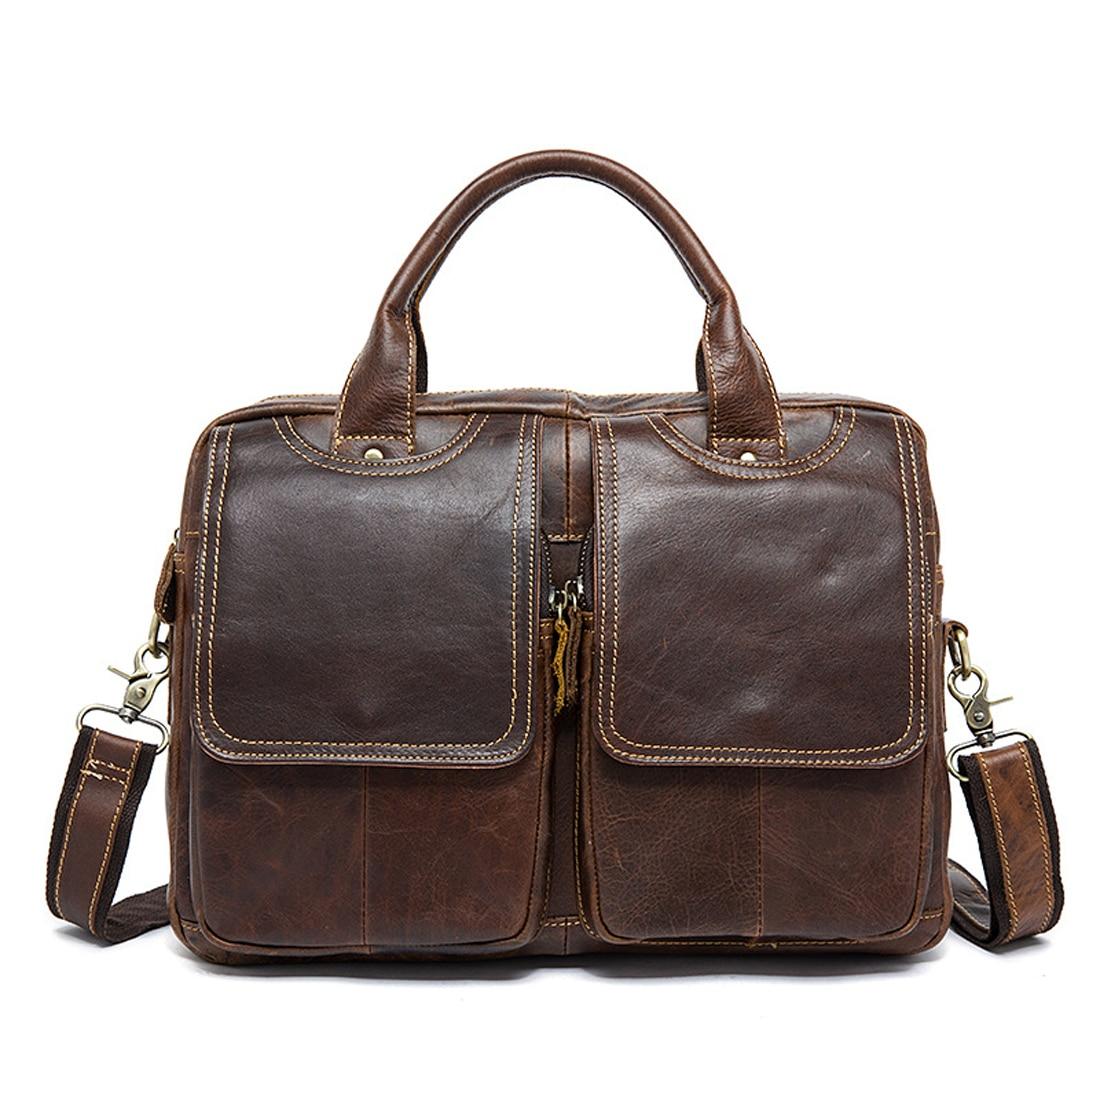 Vintage solide hommes d'affaires grand sac homme véritable vache en cuir travail épaule Messenger sac ordinateur portable carré sac mallette sac à main